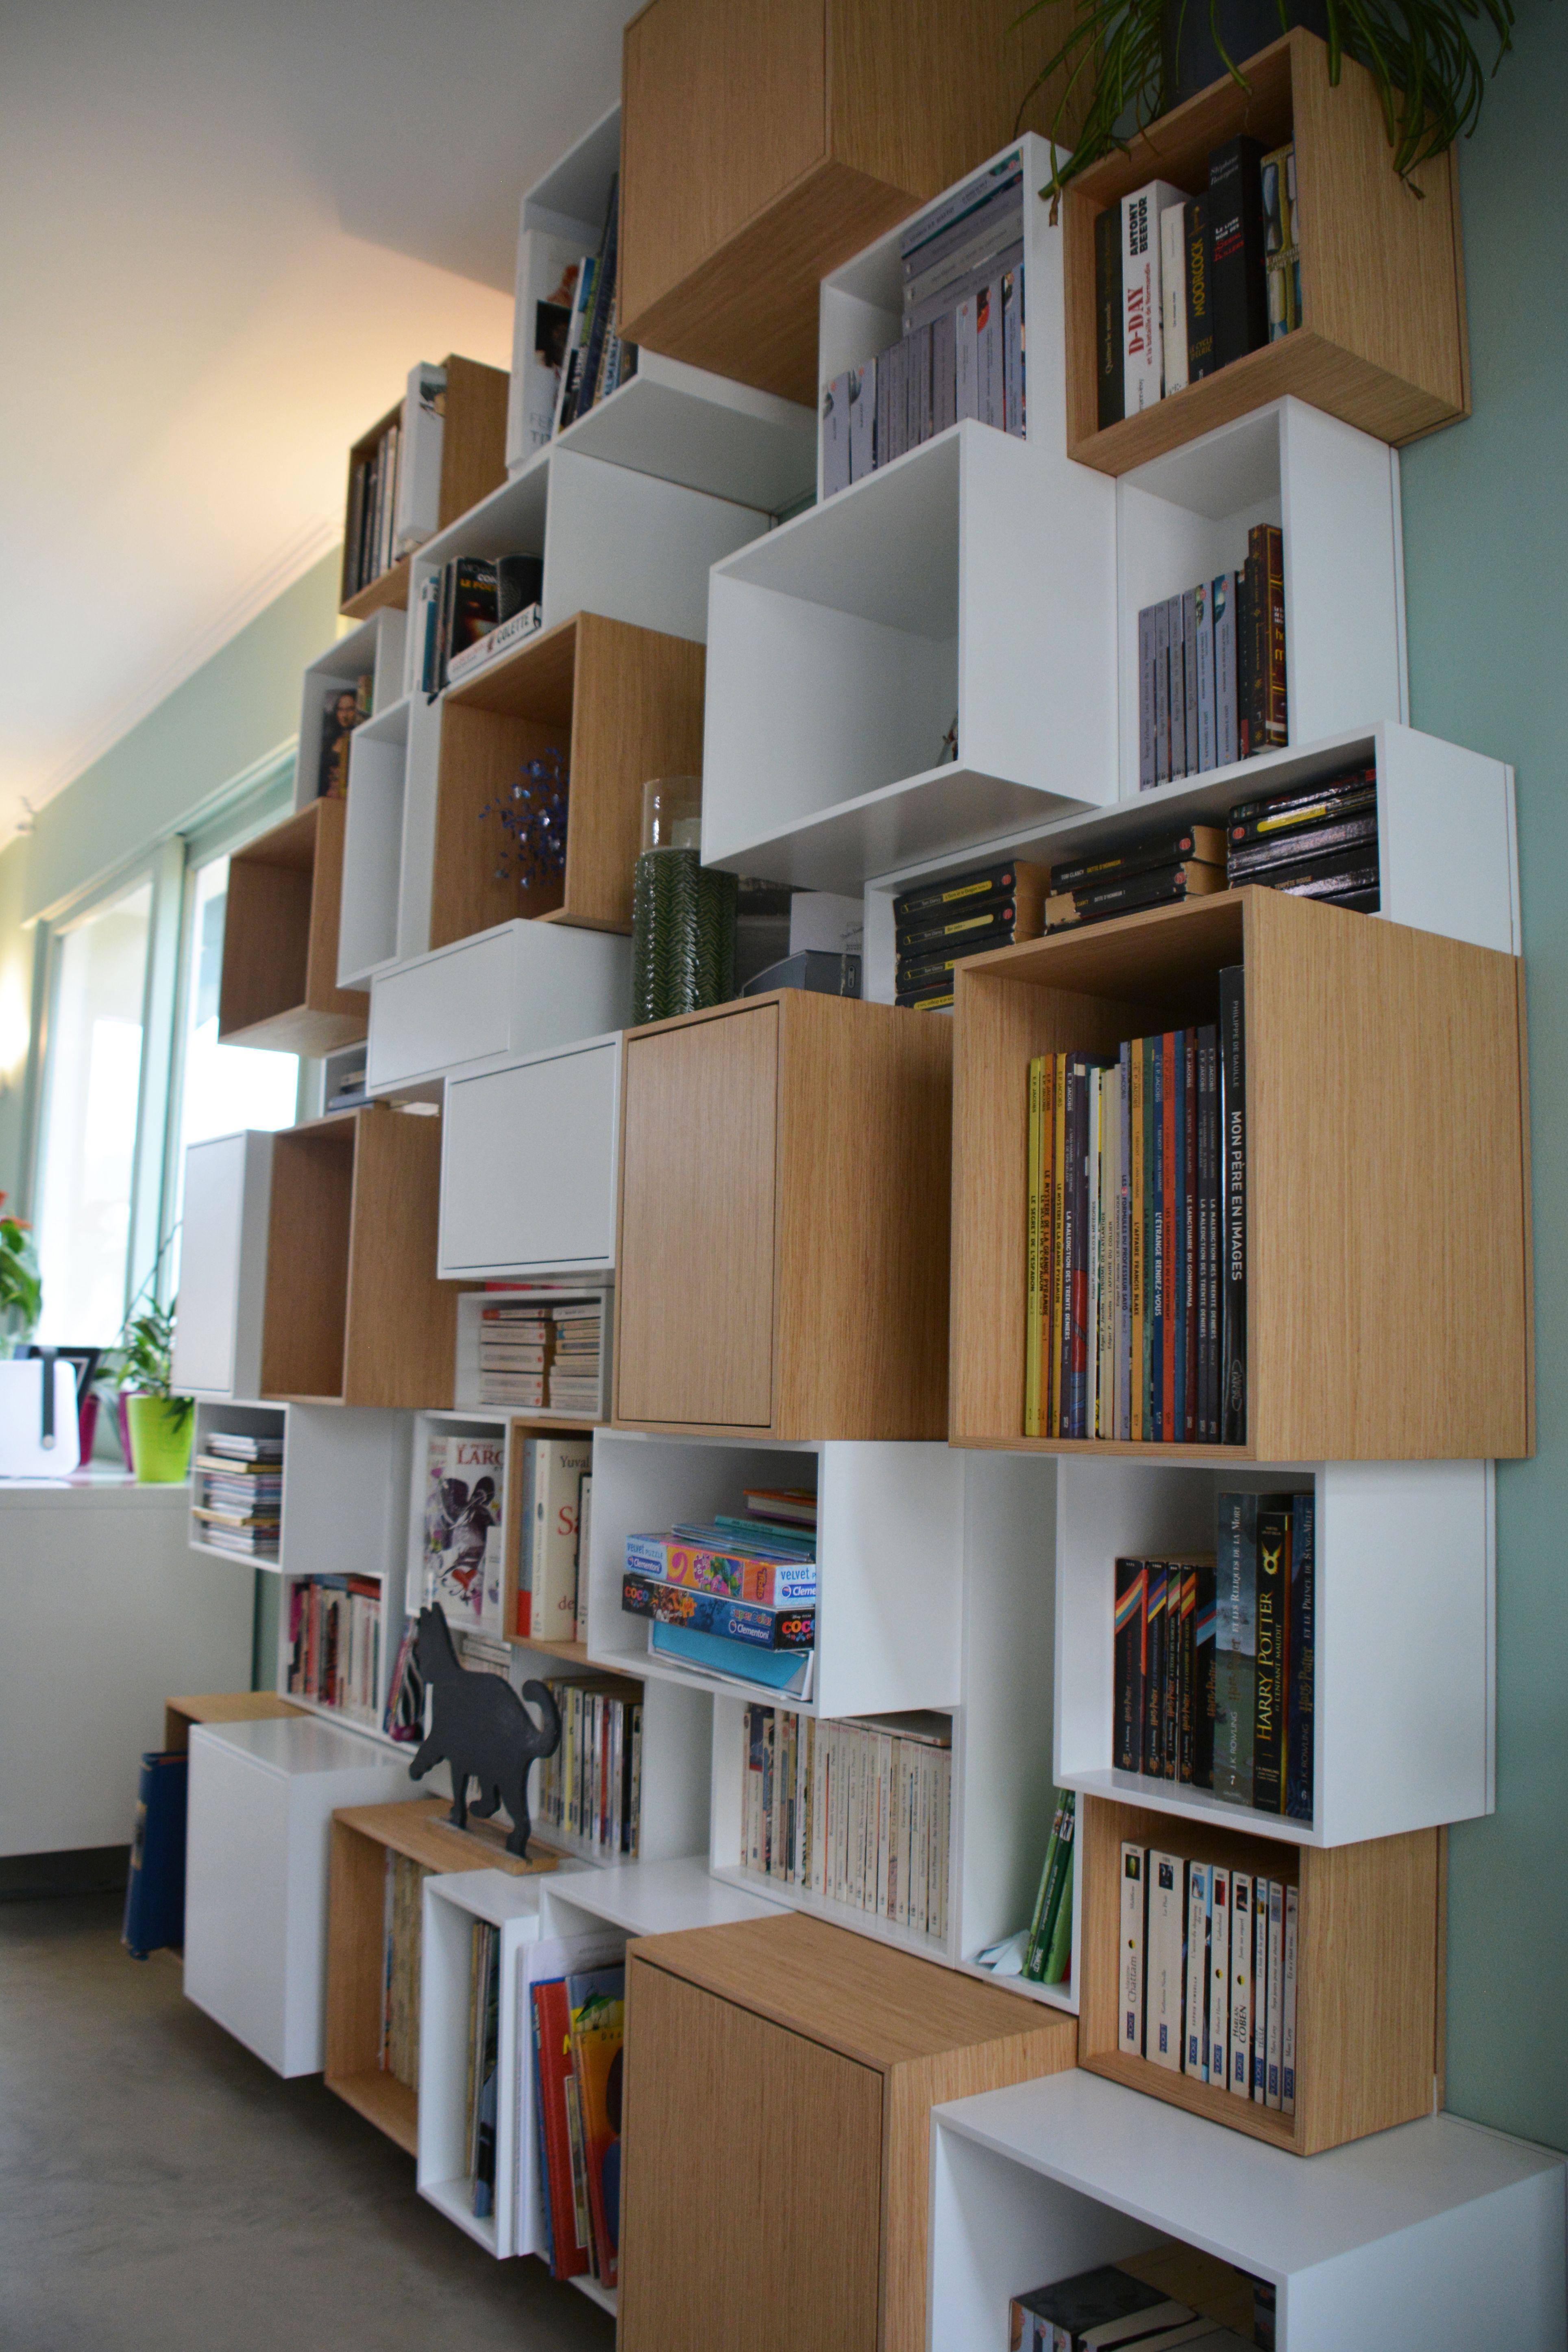 bibliotheque cubit en blanc et bois pour une renovation du sejour salle a manger decoration et renovation deco maison decoration interieure